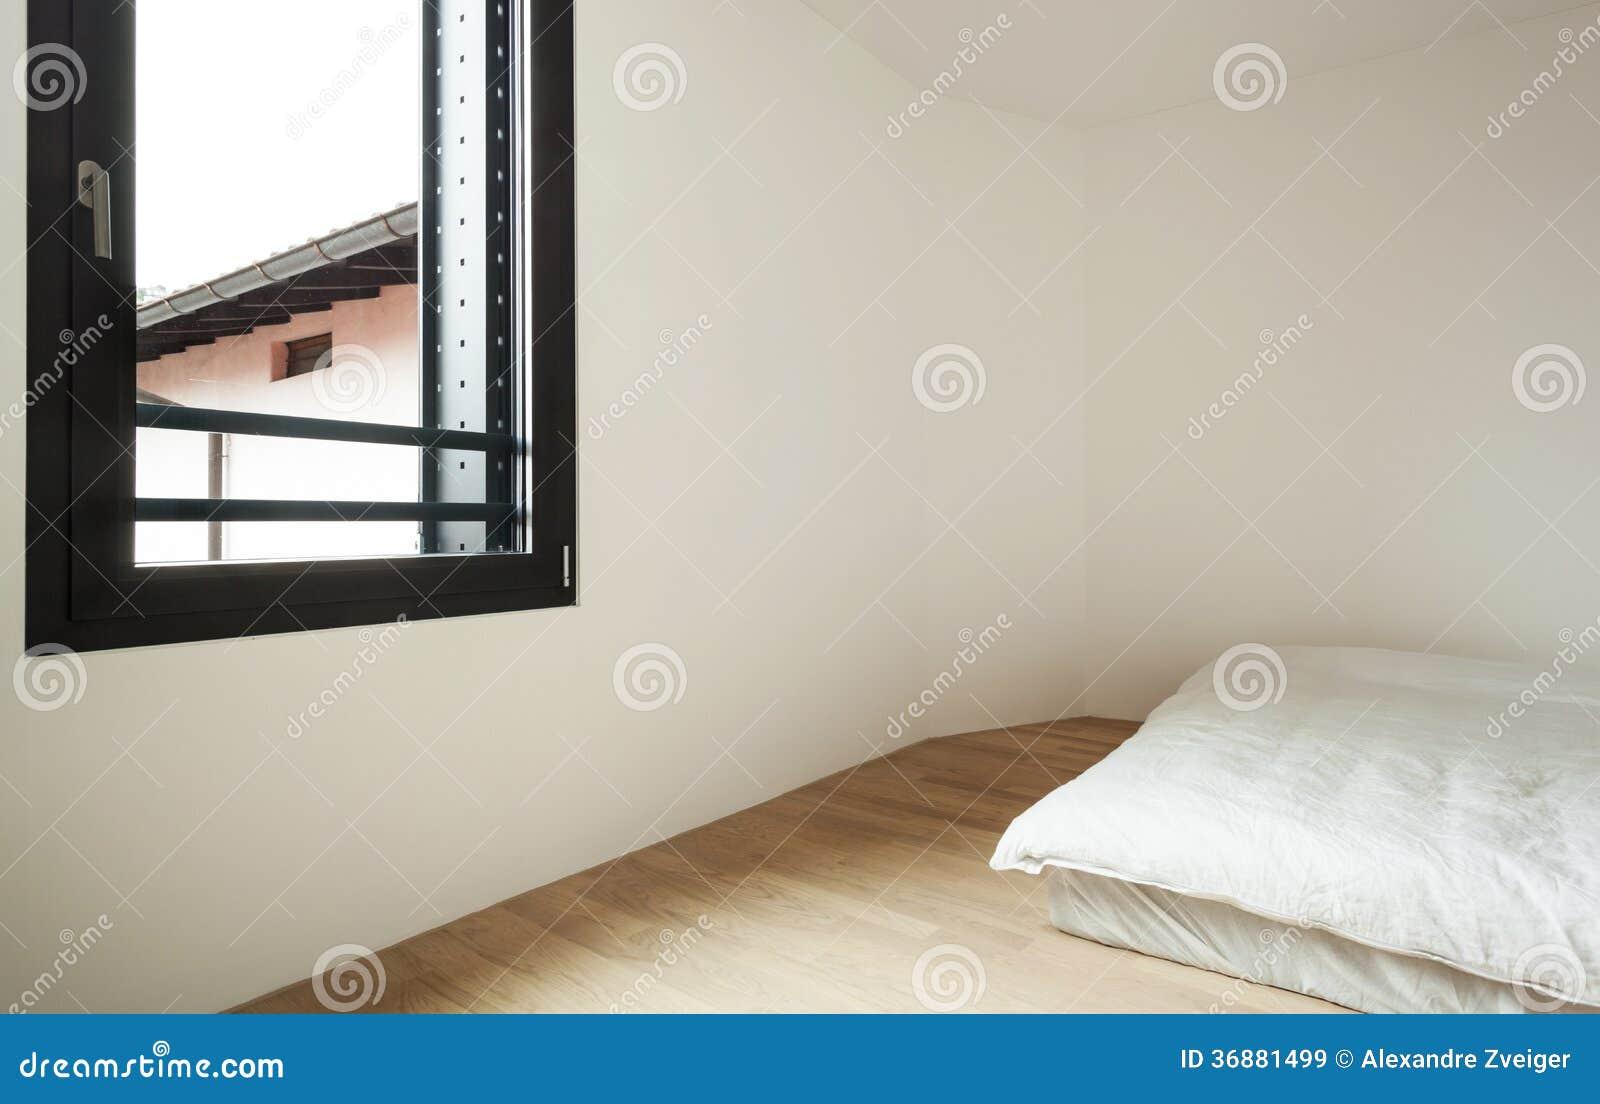 Download Nuova casa interna immagine stock. Immagine di parchè - 36881499